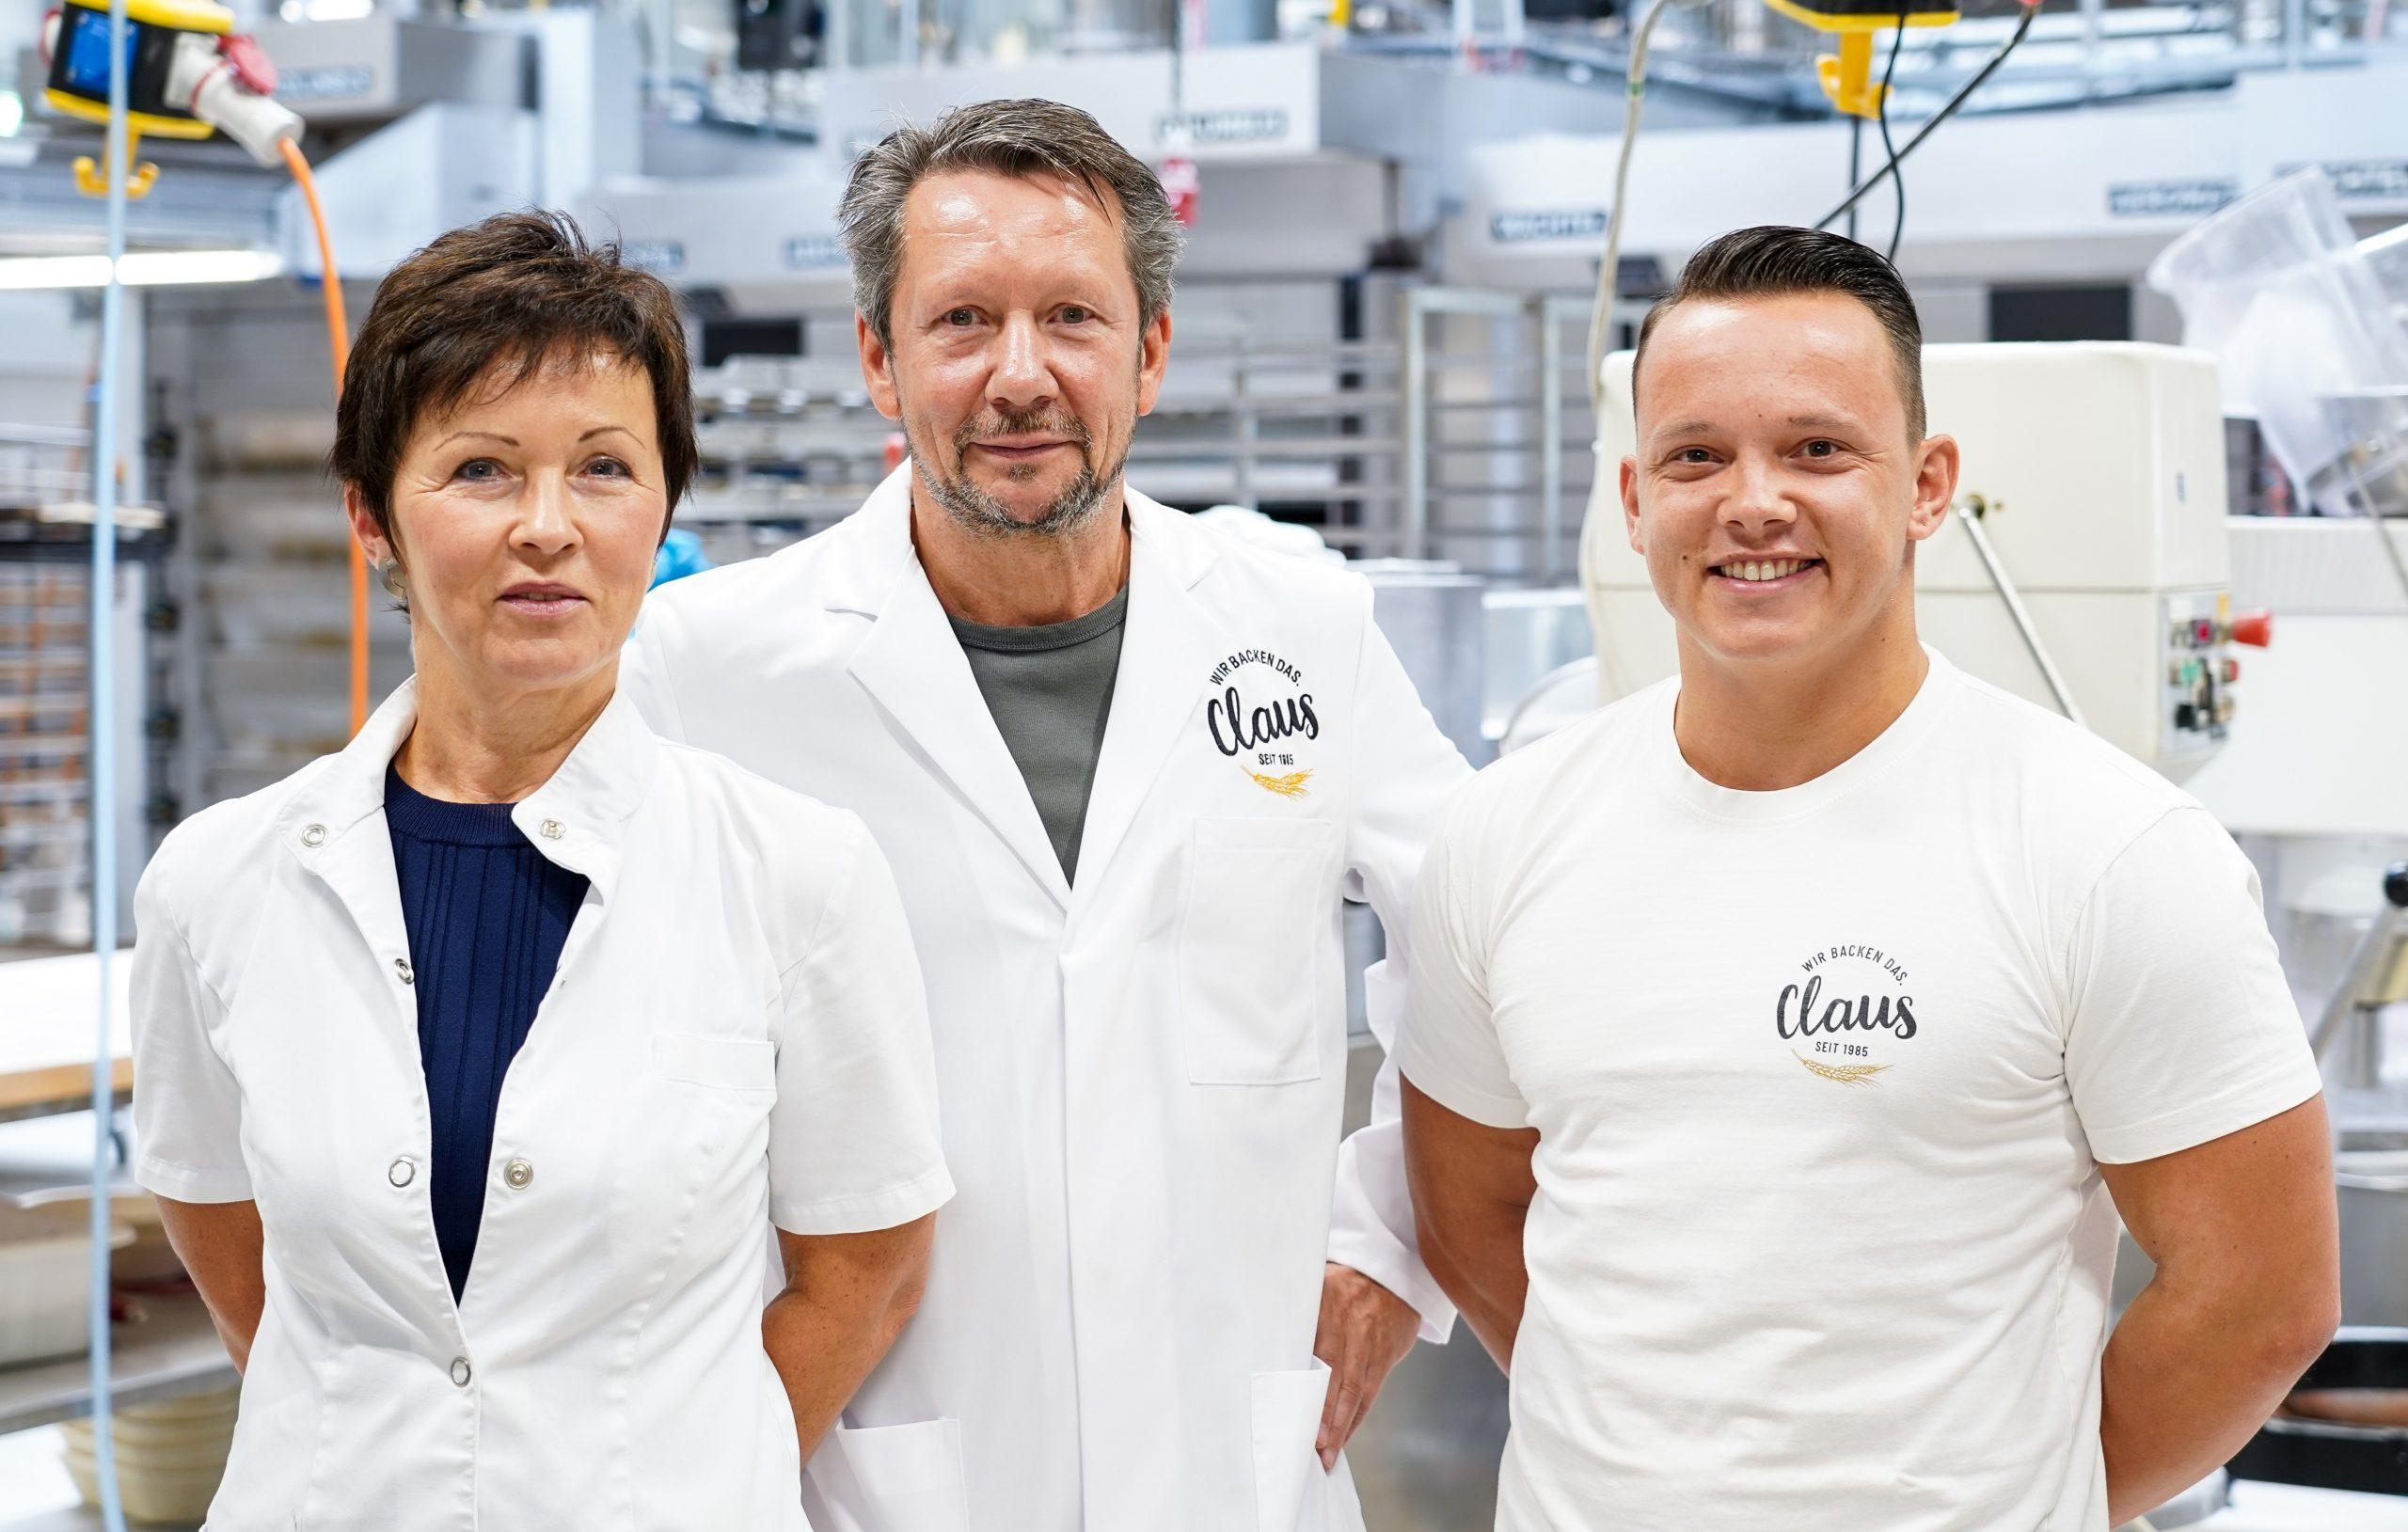 Steffi, Lutz und Lukas Claus (v.l.n.r.) in ihrem Betrieb. (Foto: Baufirma Vollack)